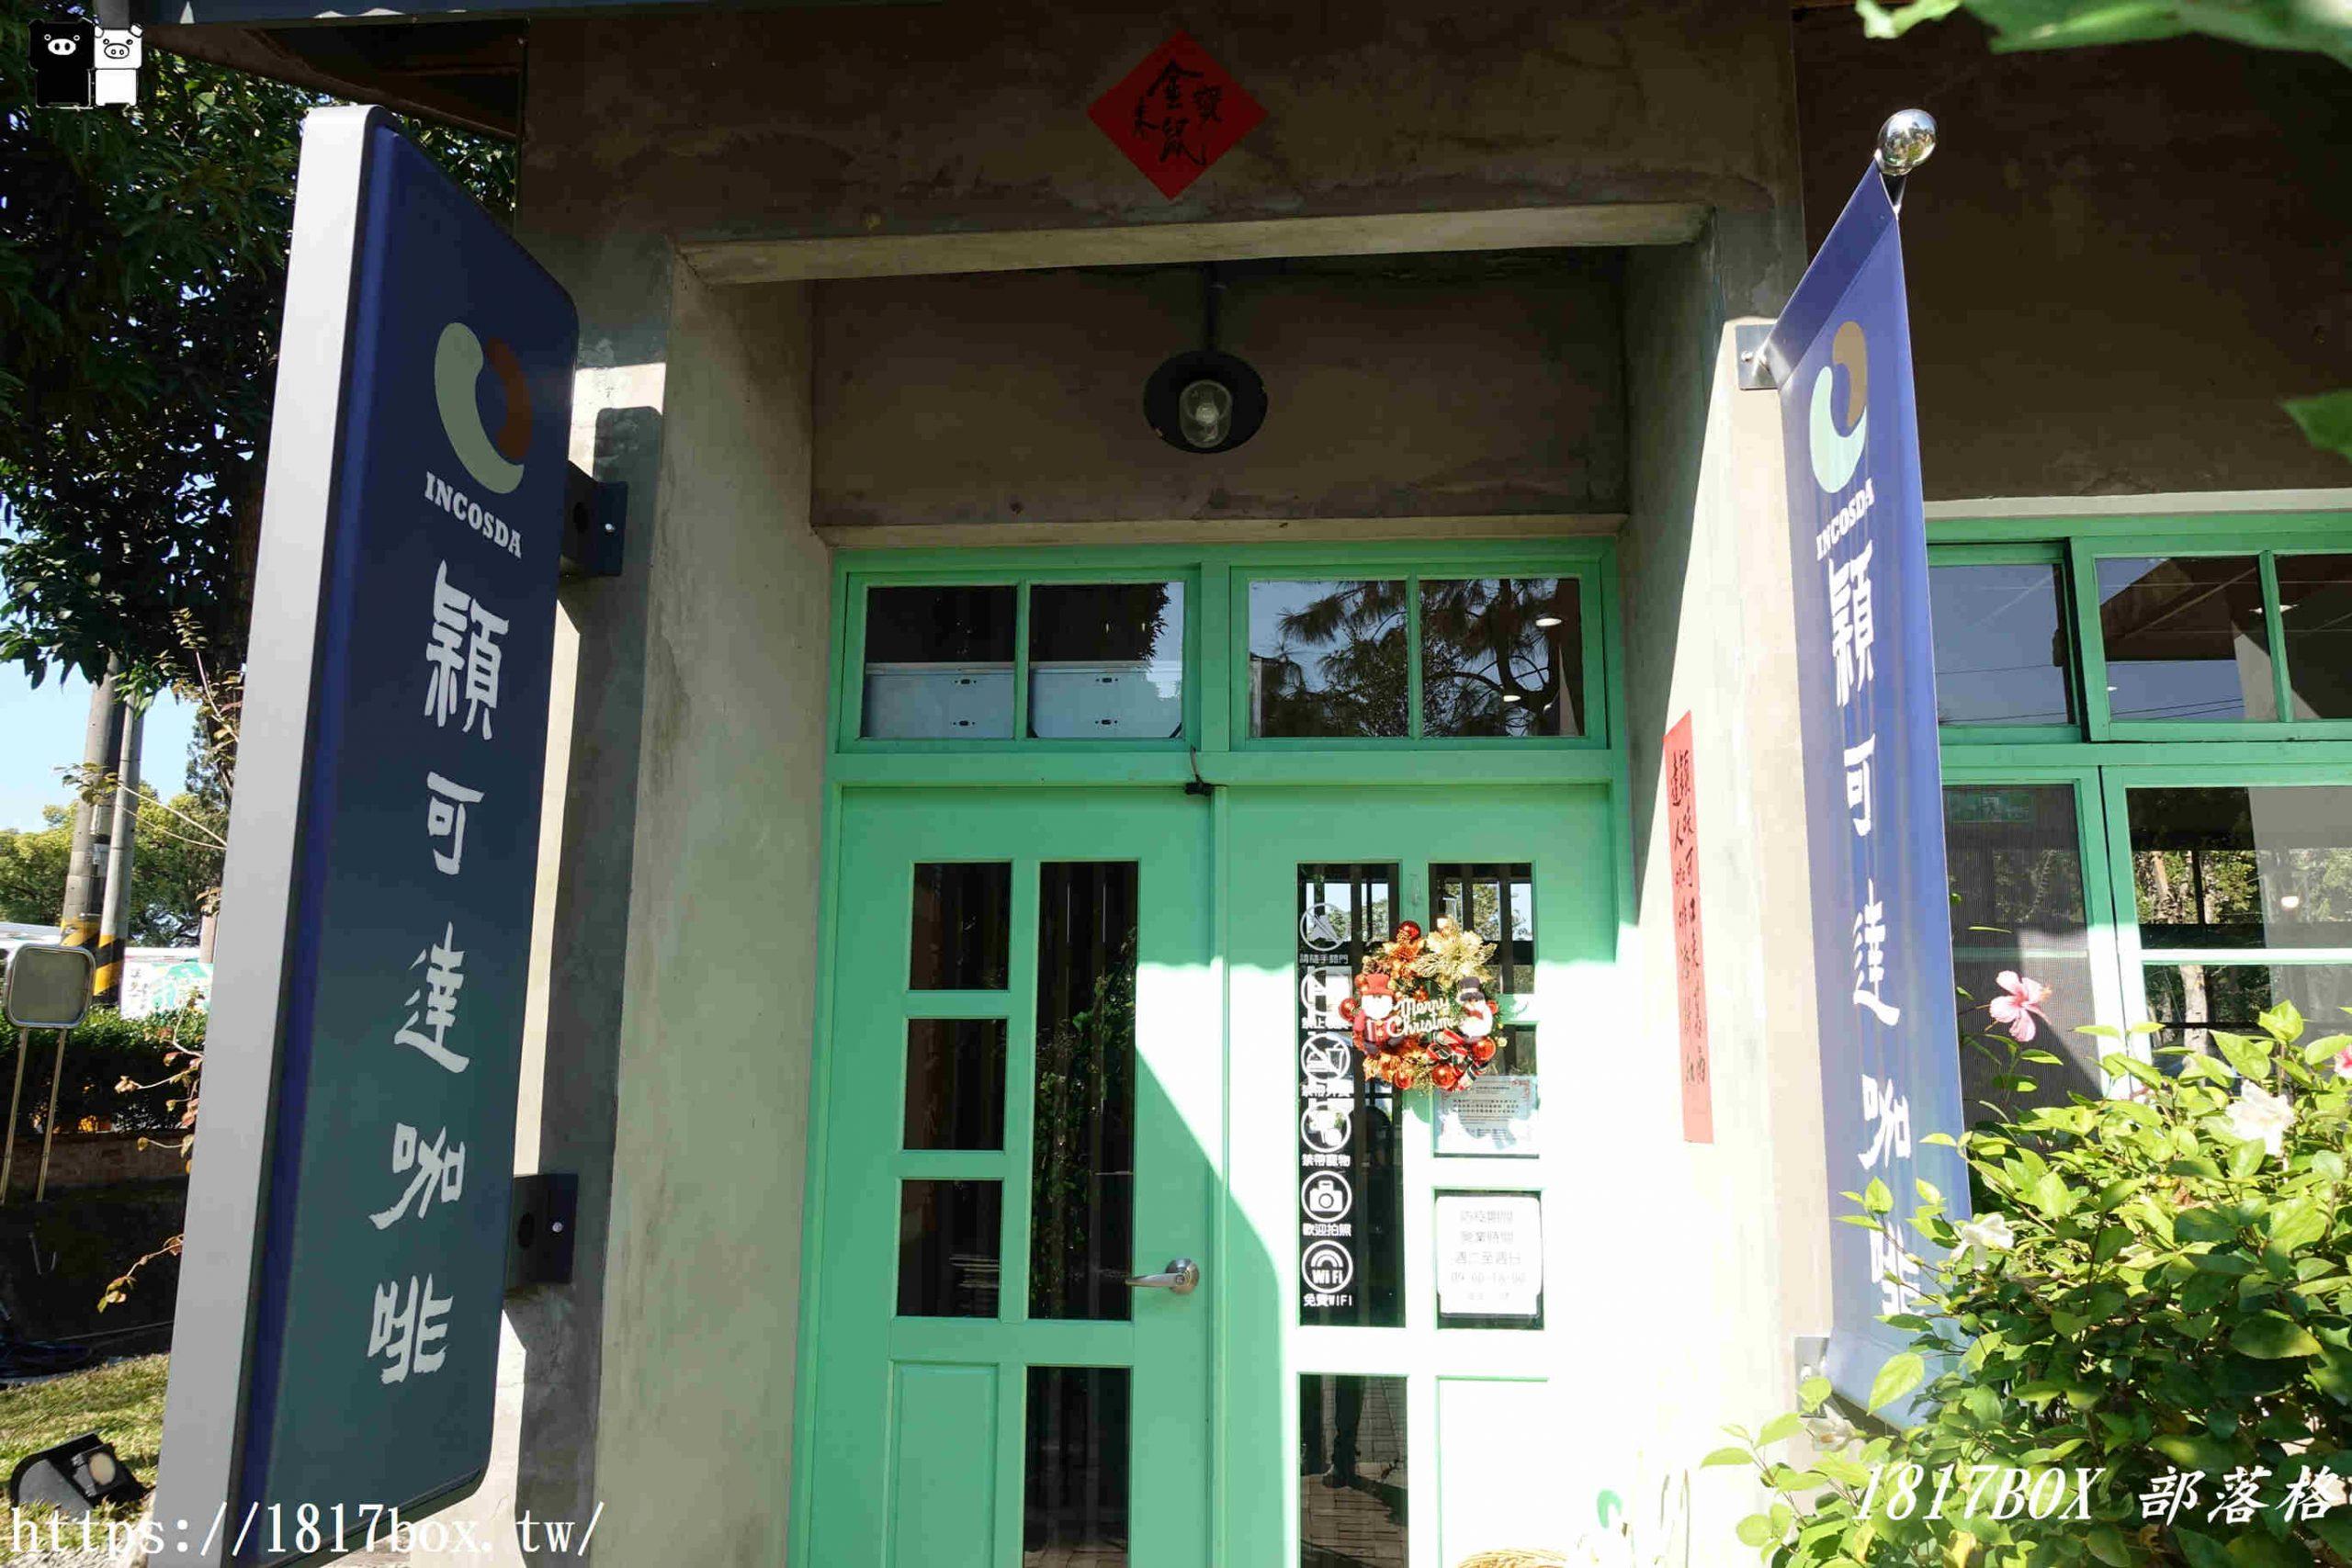 【台南。善化】深緣及水善糖文化園區。南亭流觴曲水。我的婆婆怎麼那麼可愛拍攝景點 @1817BOX部落格